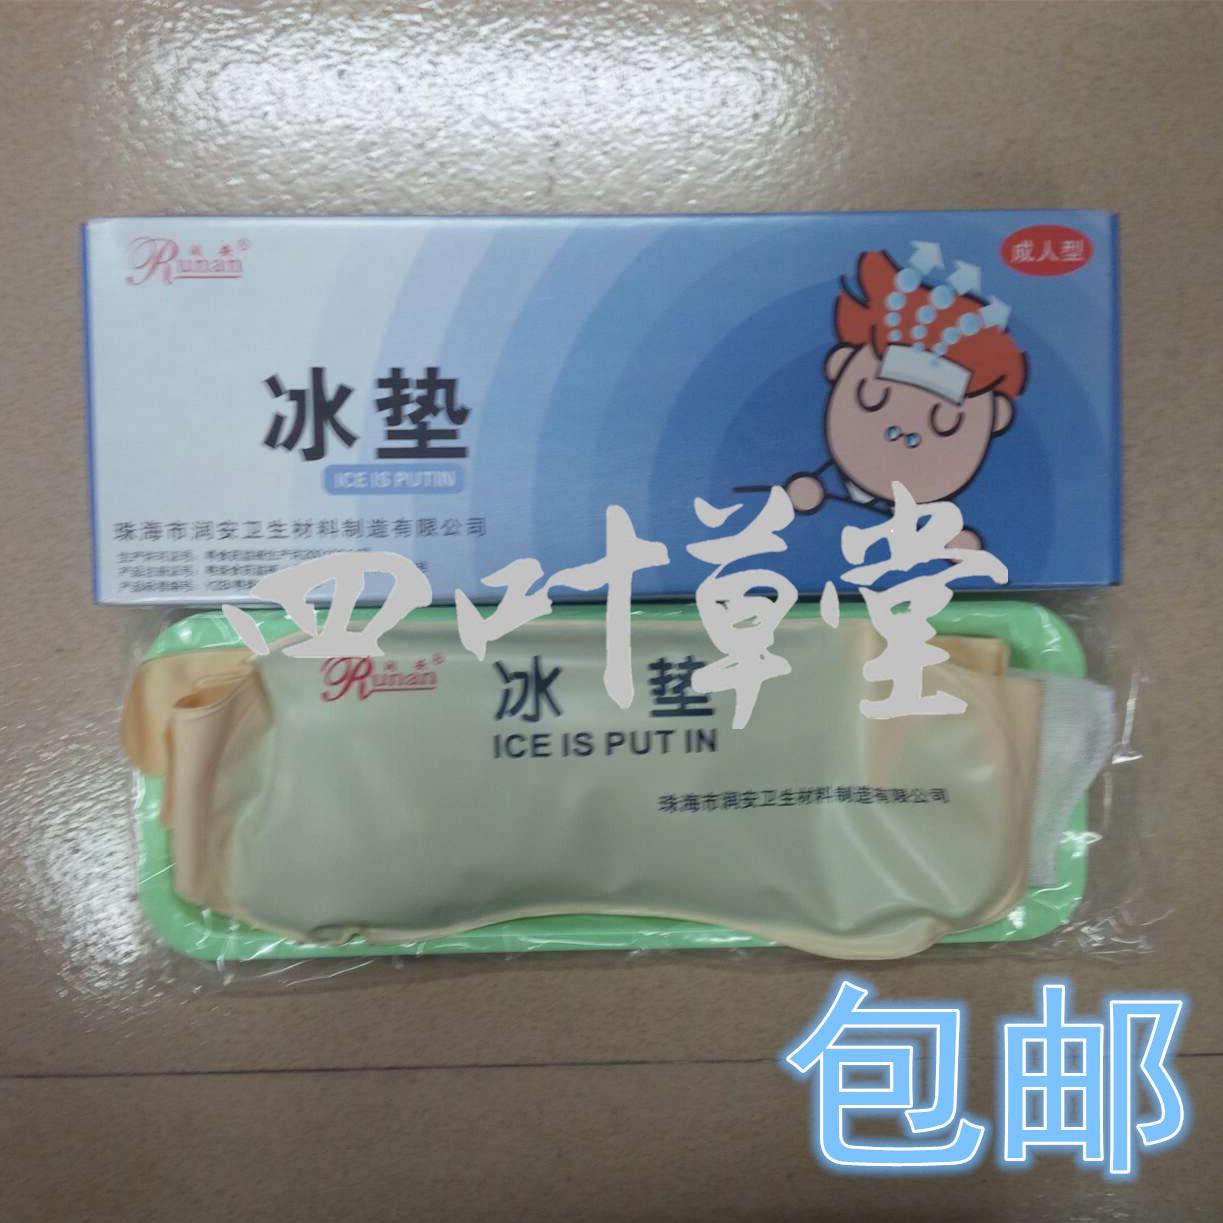 珠海润安冰垫冰袋(成人型)退热物理降温冰敷带包邮